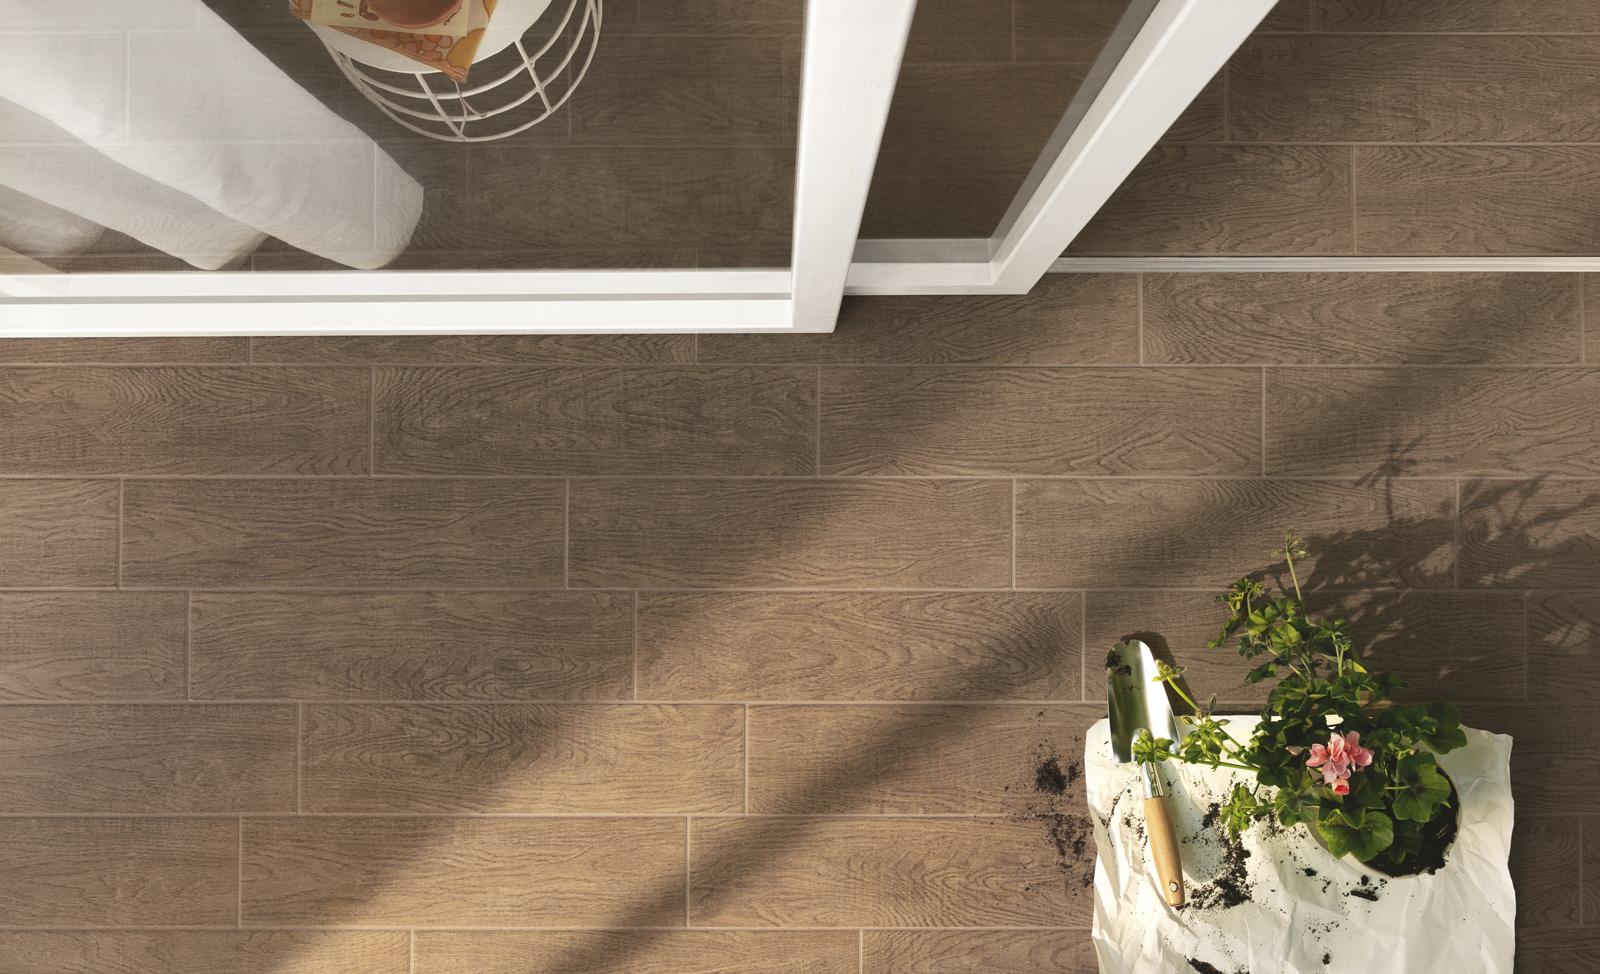 Outdoor Flooring Tiles patio outdoor tile water on tile Ragno Tiles Indoor Outdoor_2964